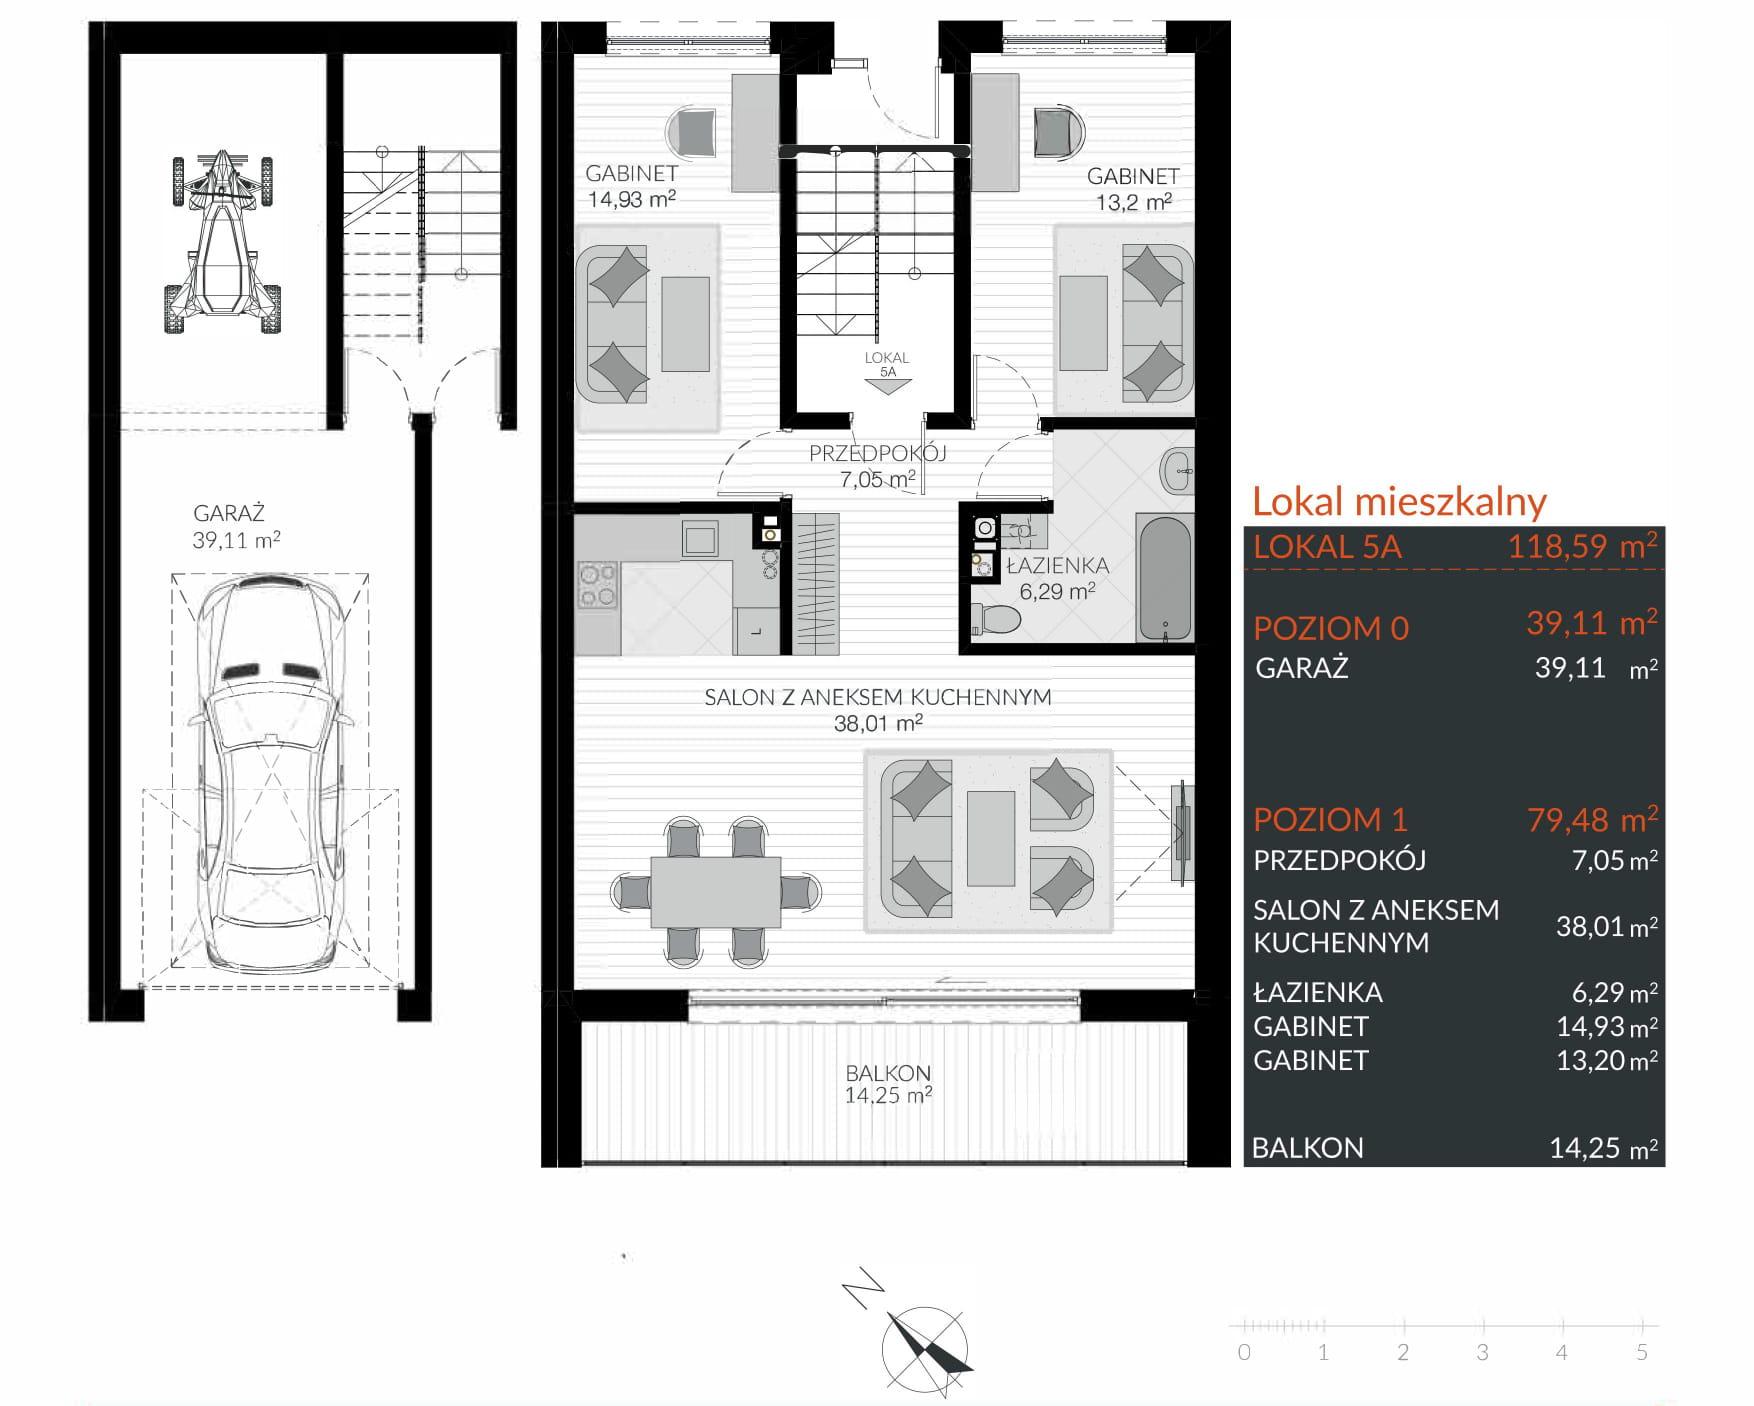 Apartamenty Kamienna / apartamenty inwestycyjne 5A rzut 1